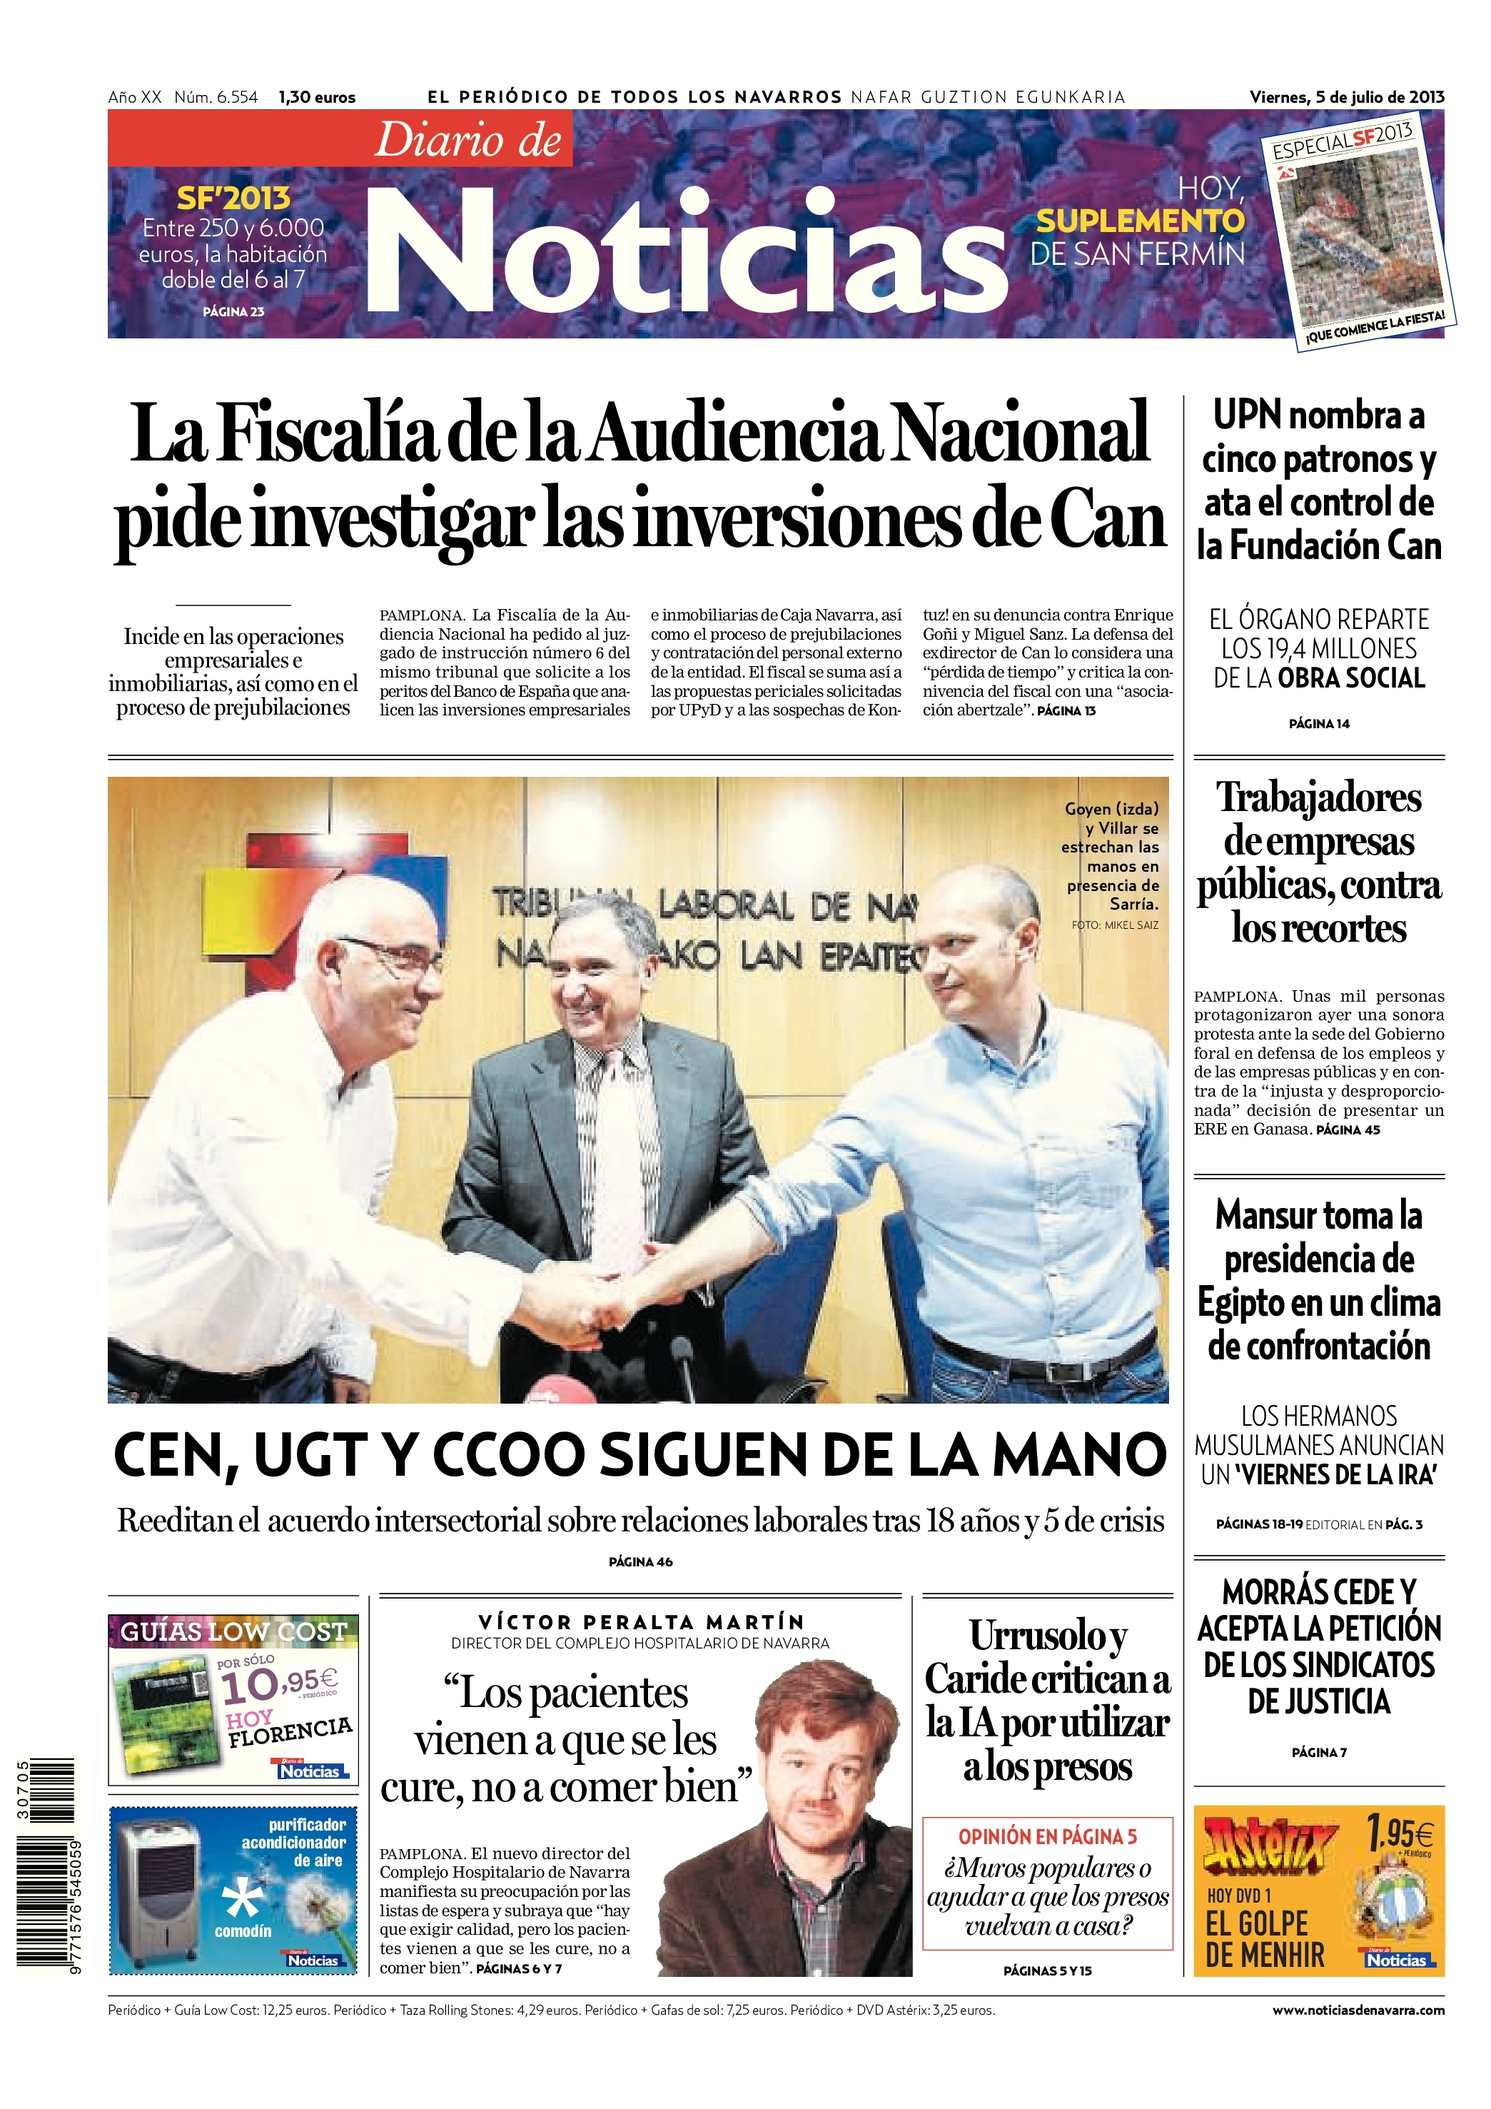 Calaméo - Diario de Noticias 20130705